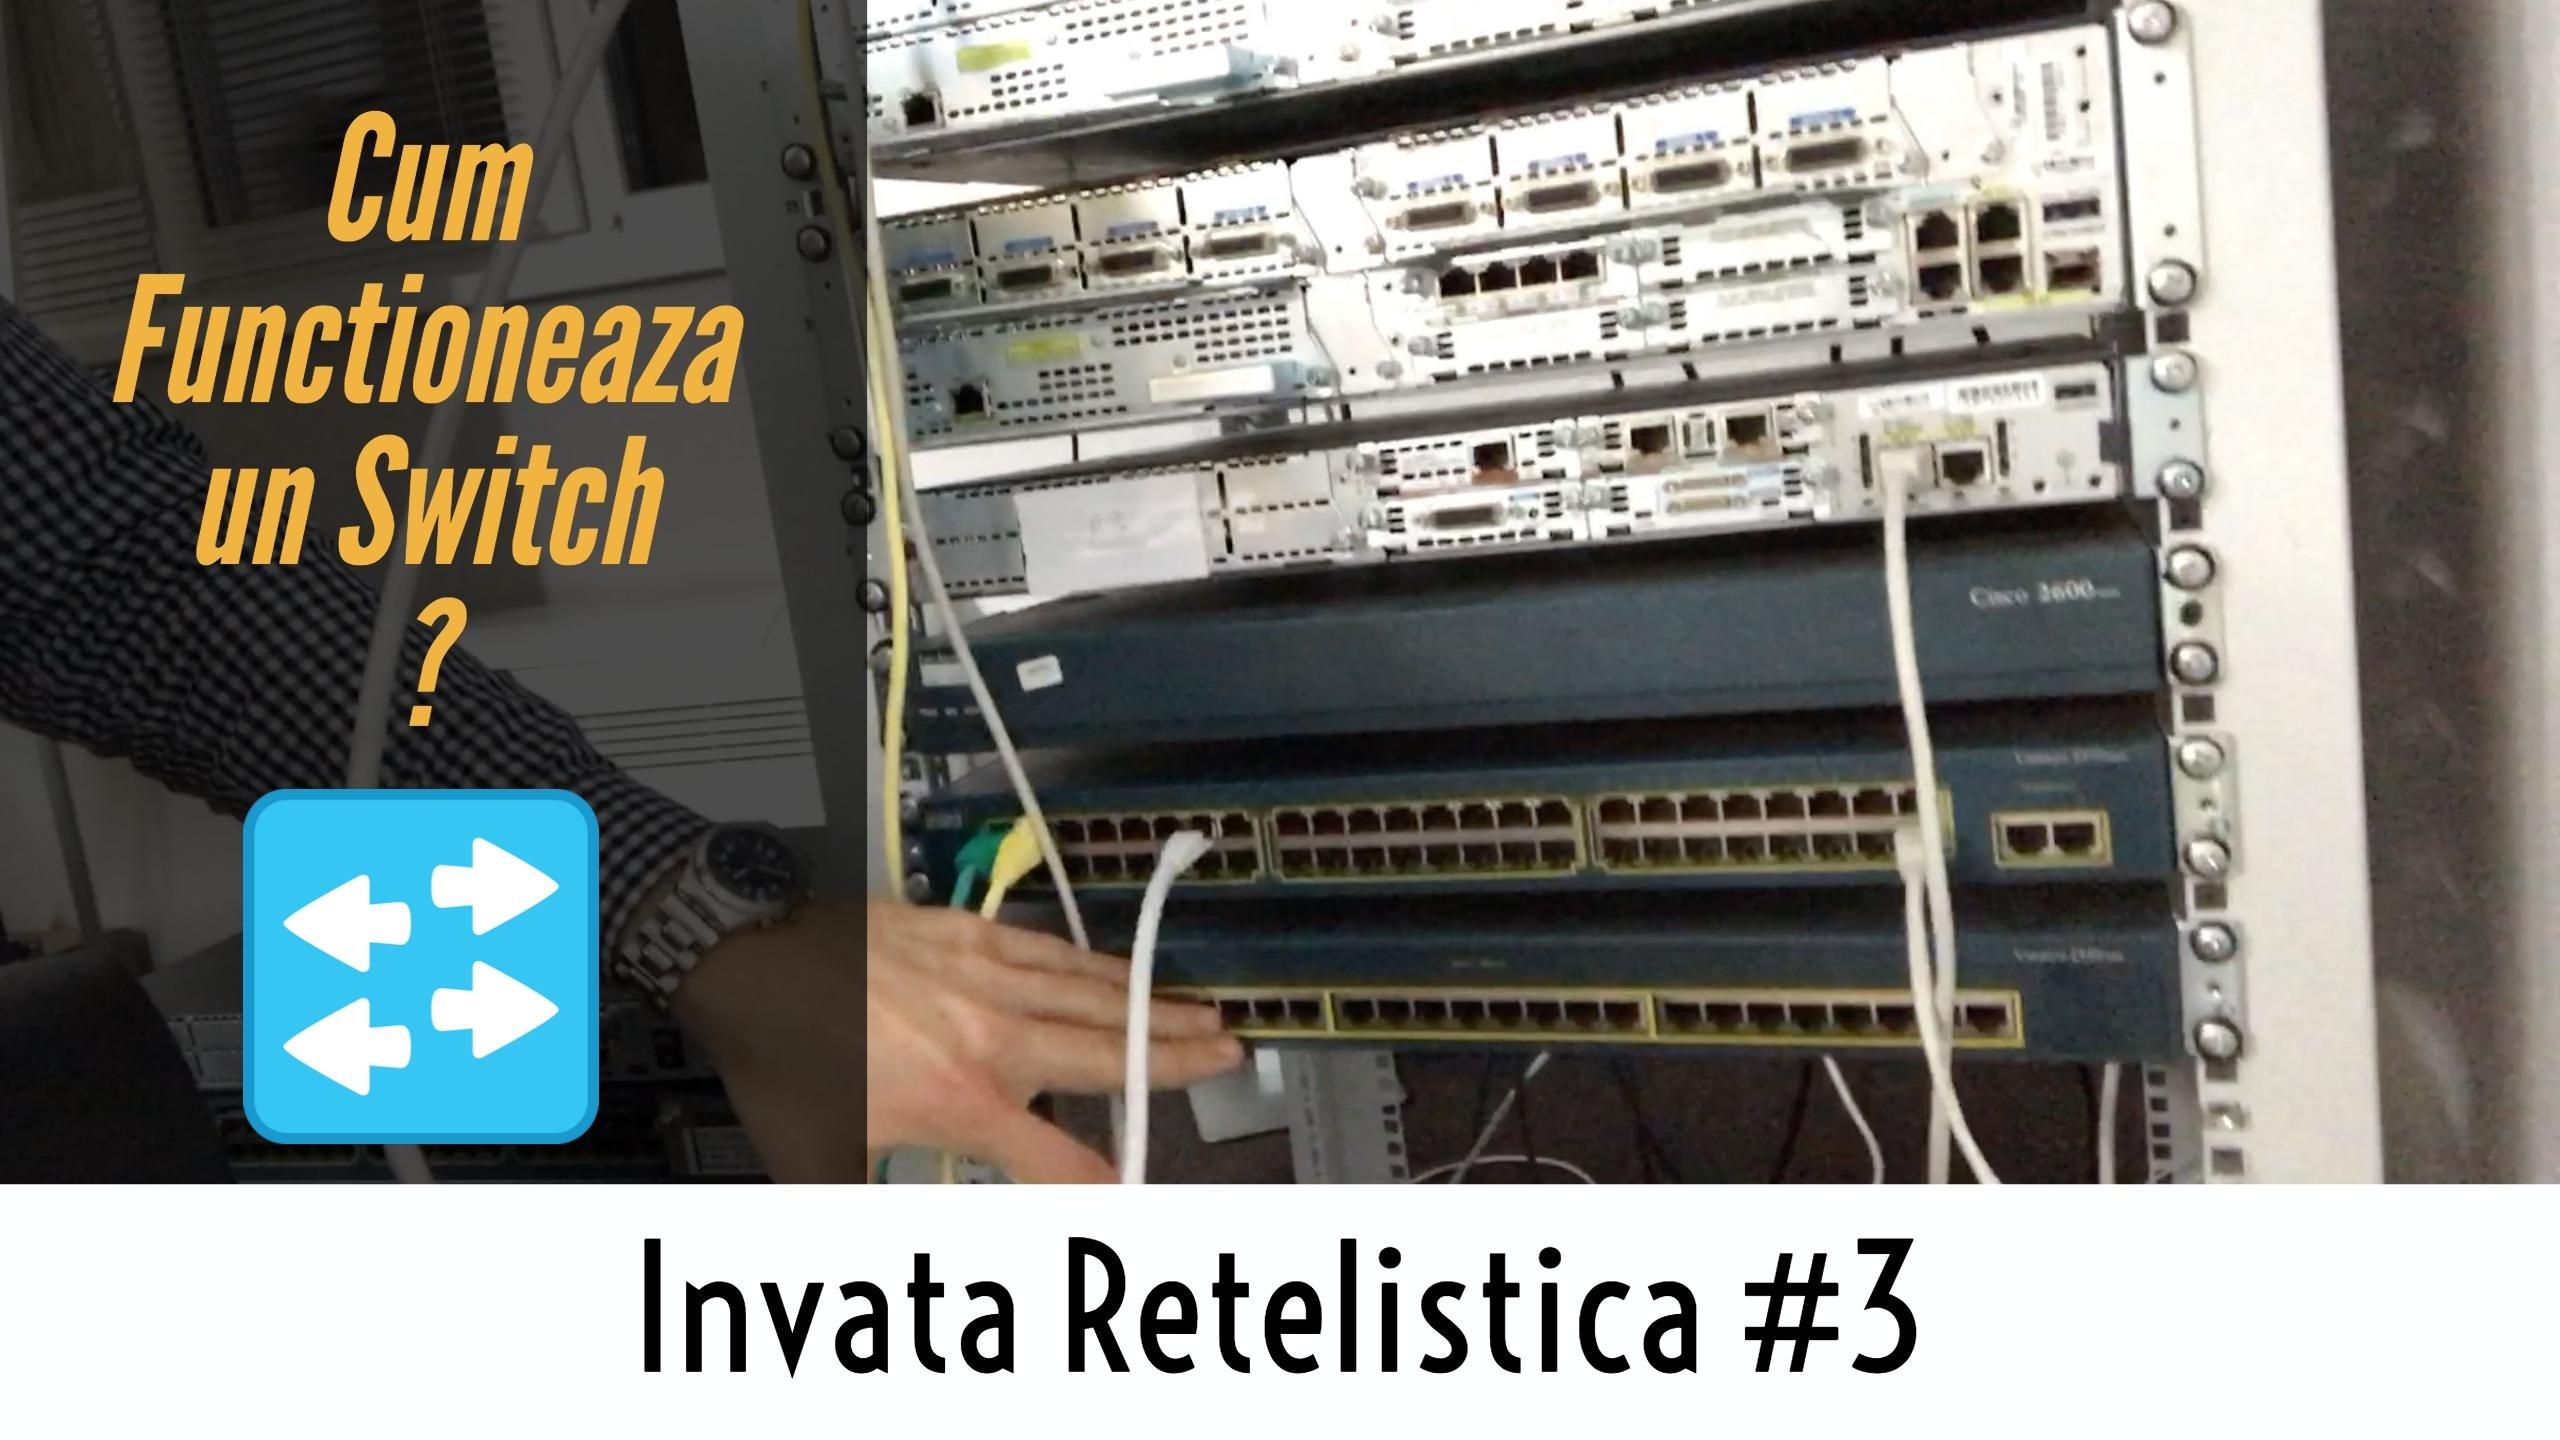 ⁉️ Ce este un Switch si cum functioneaza un VLAN cu un port Trunk ? | Invata Retelistica #3